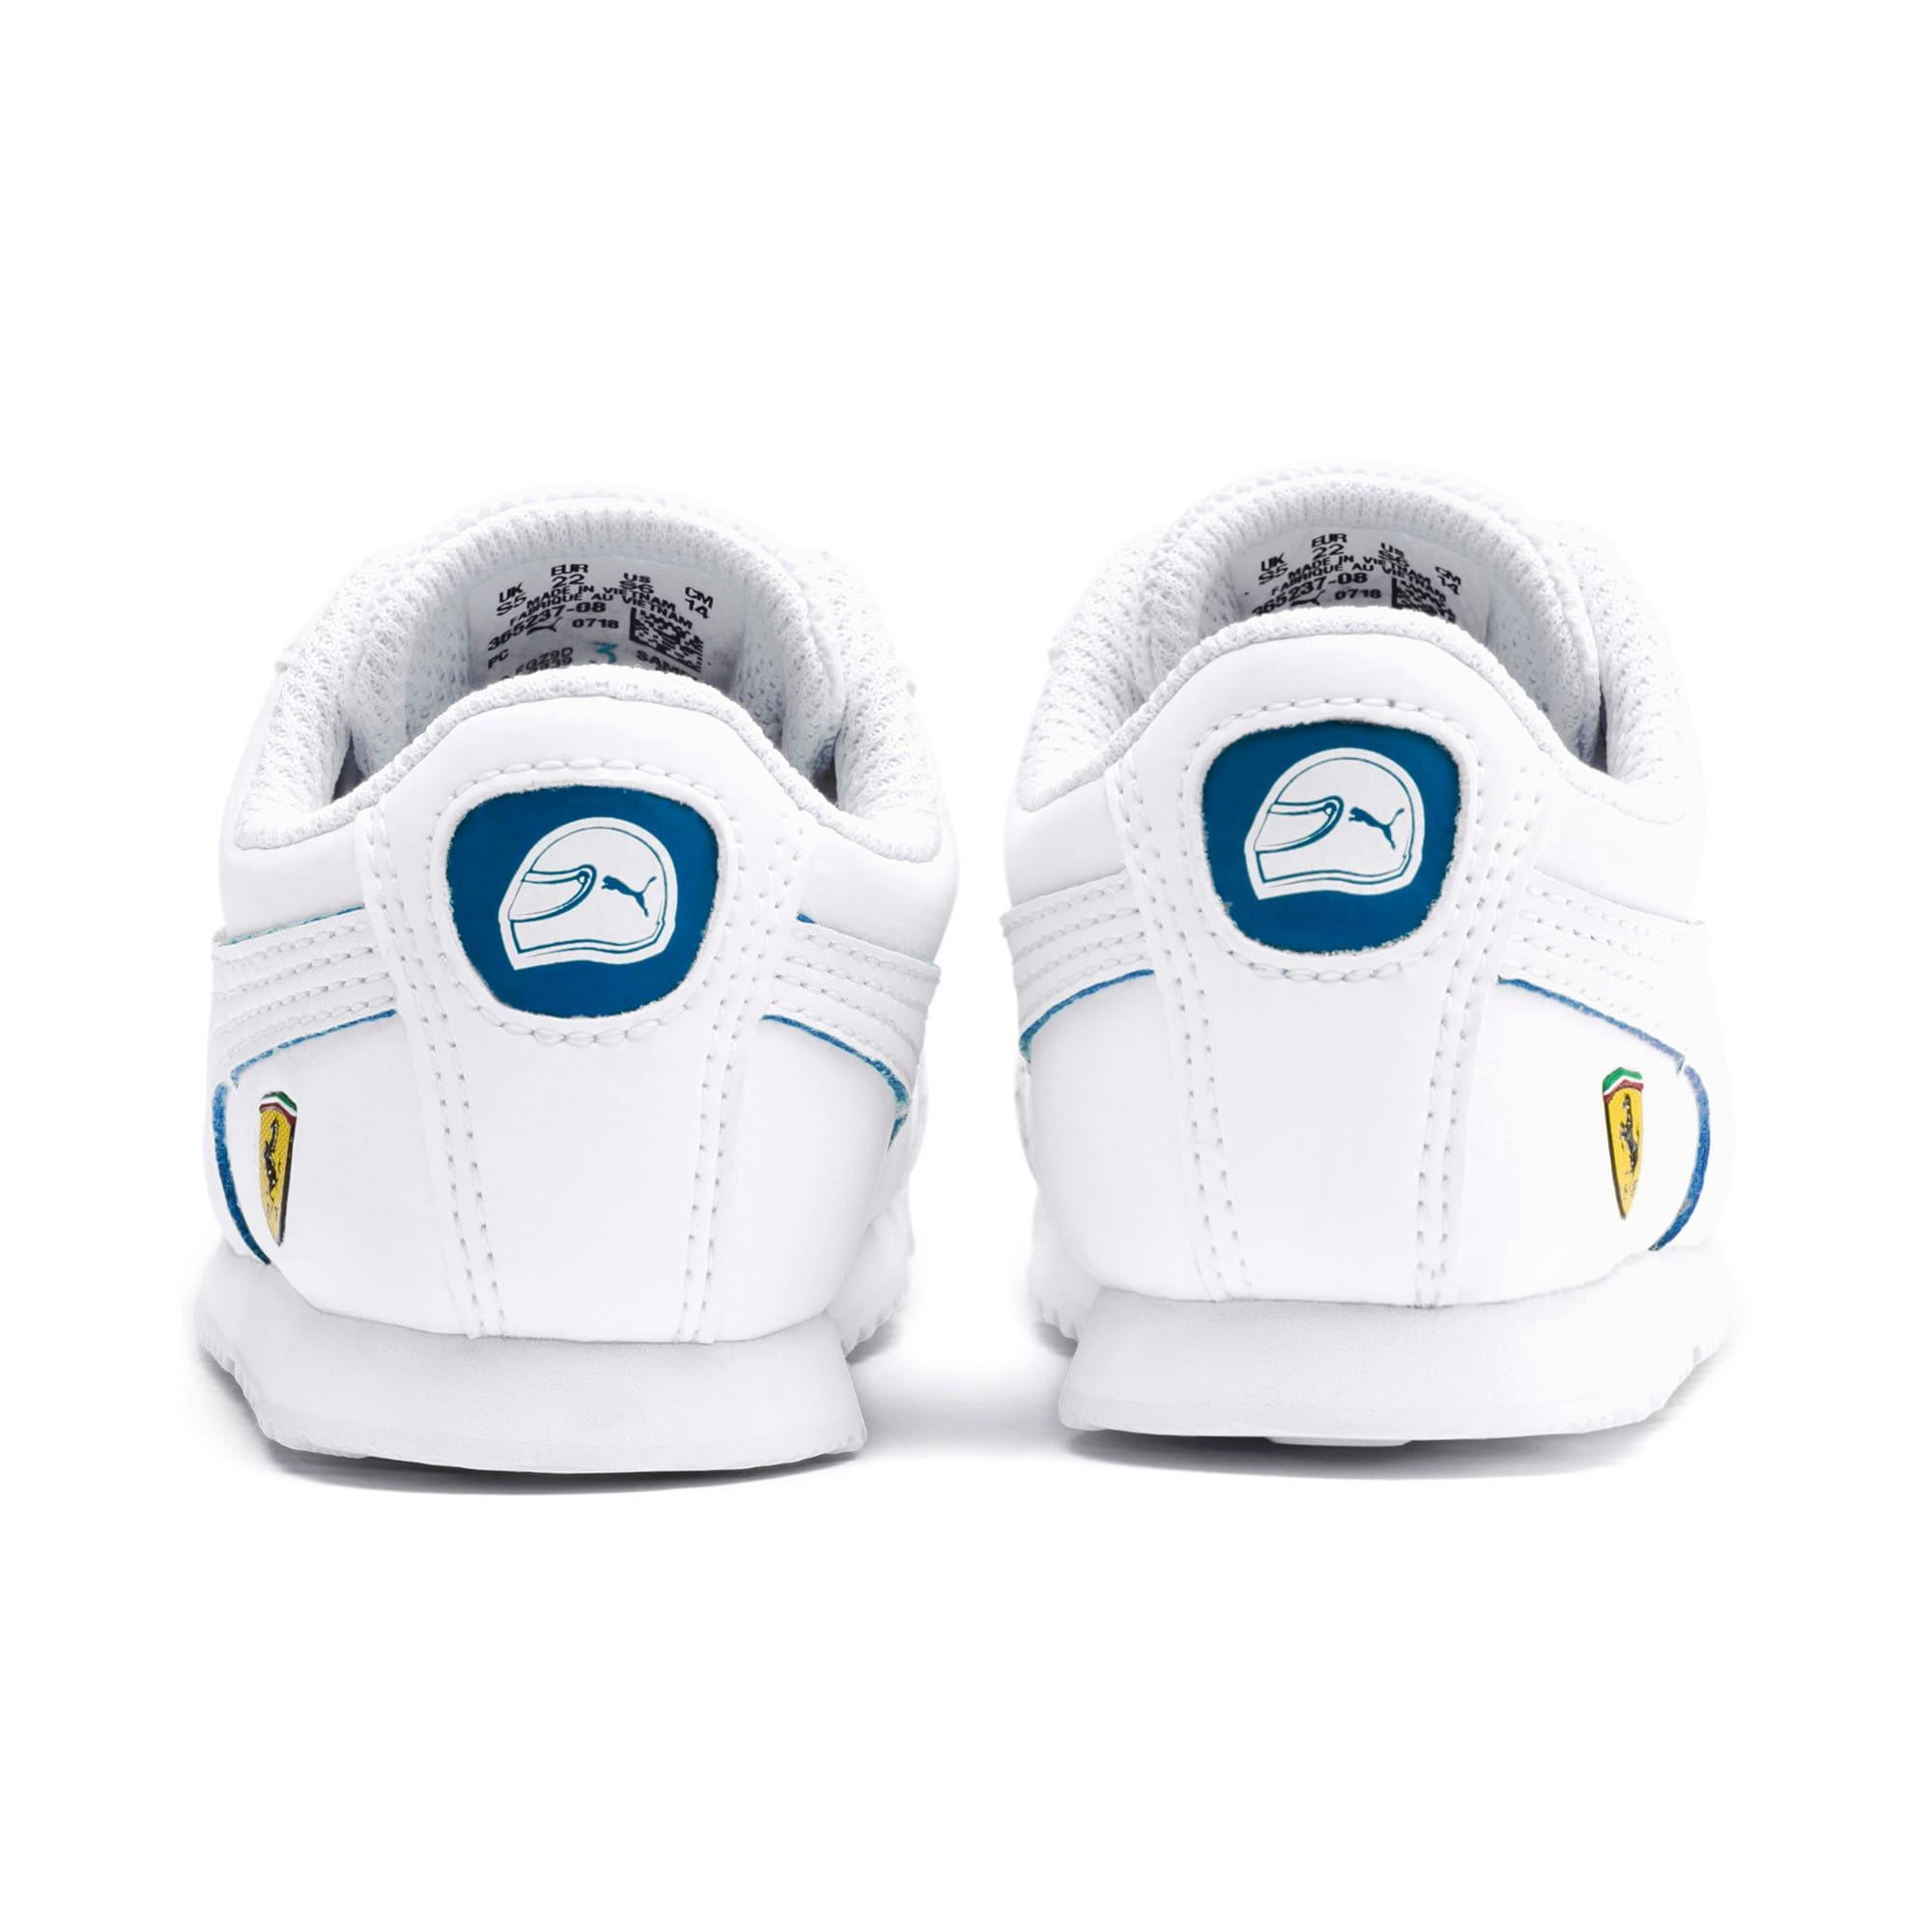 Thumbnail 3 of Scuderia Ferrari Roma Toddler Shoes, White-White-Galaxy Blue, medium